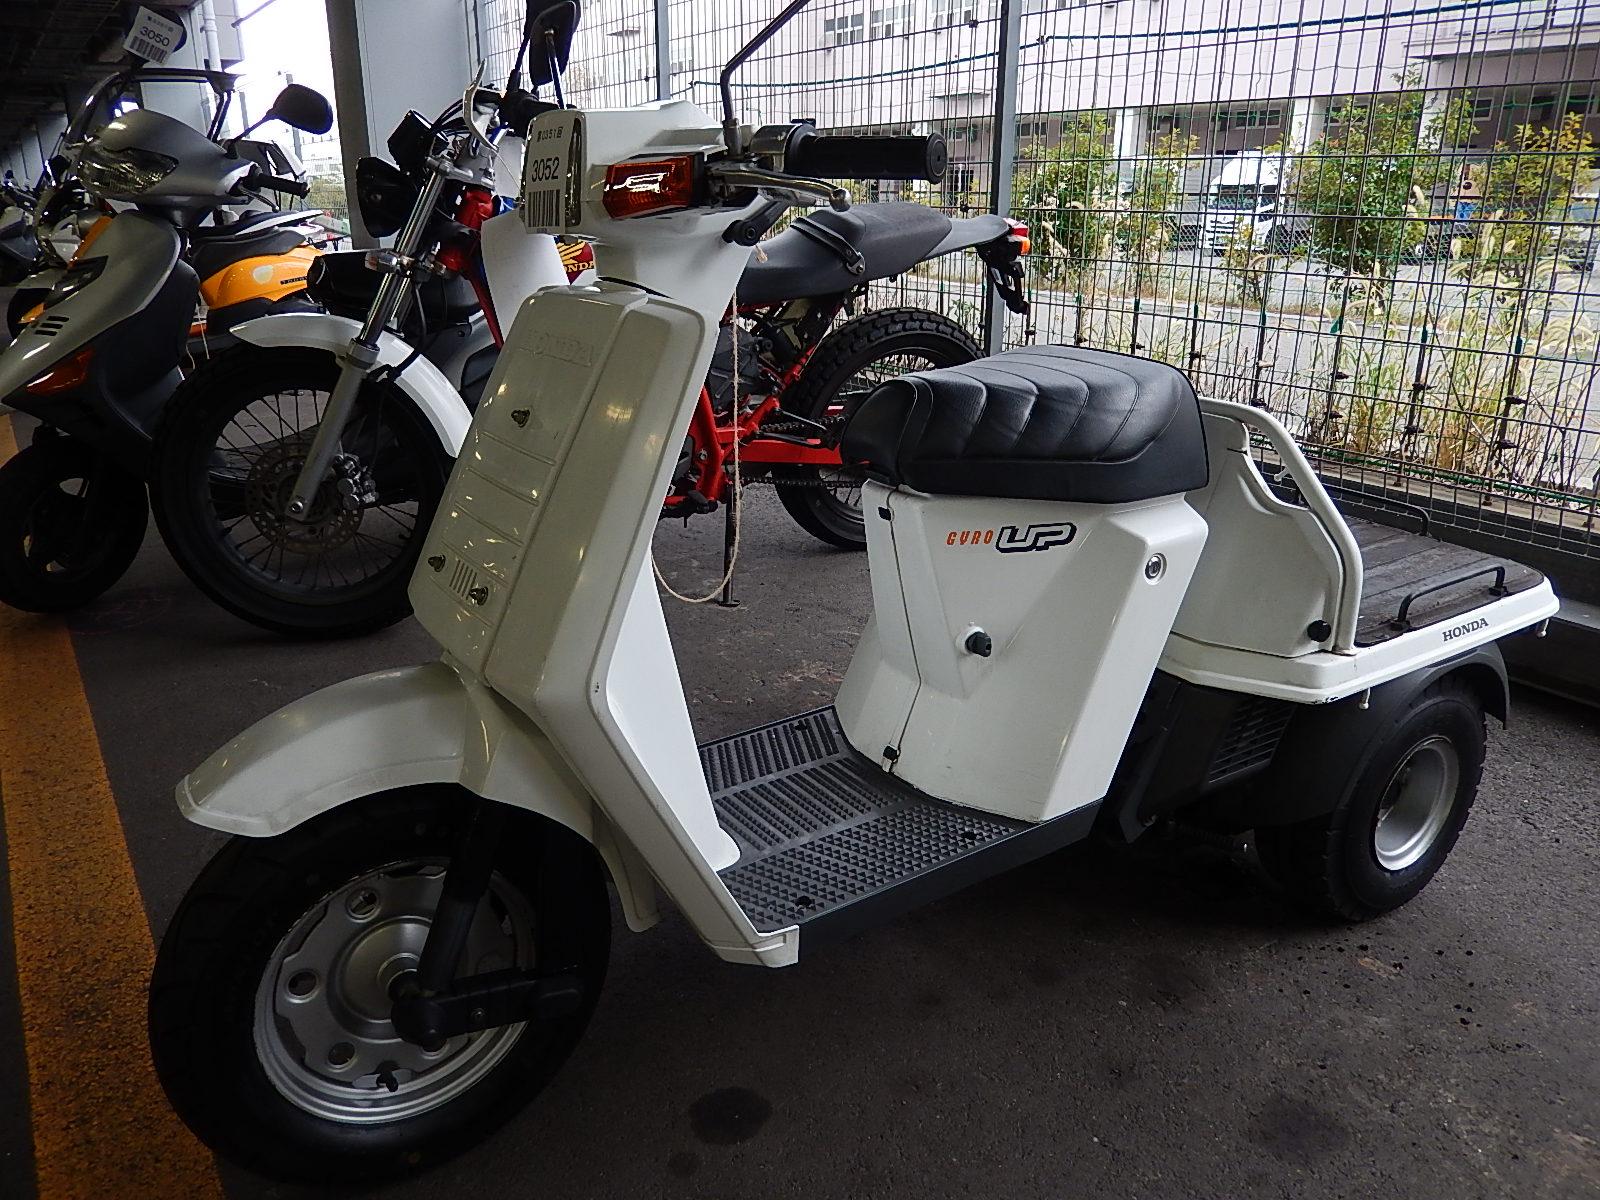 3-х колесный скутер Хонда Гуро Ап купить в Нижегородской ...